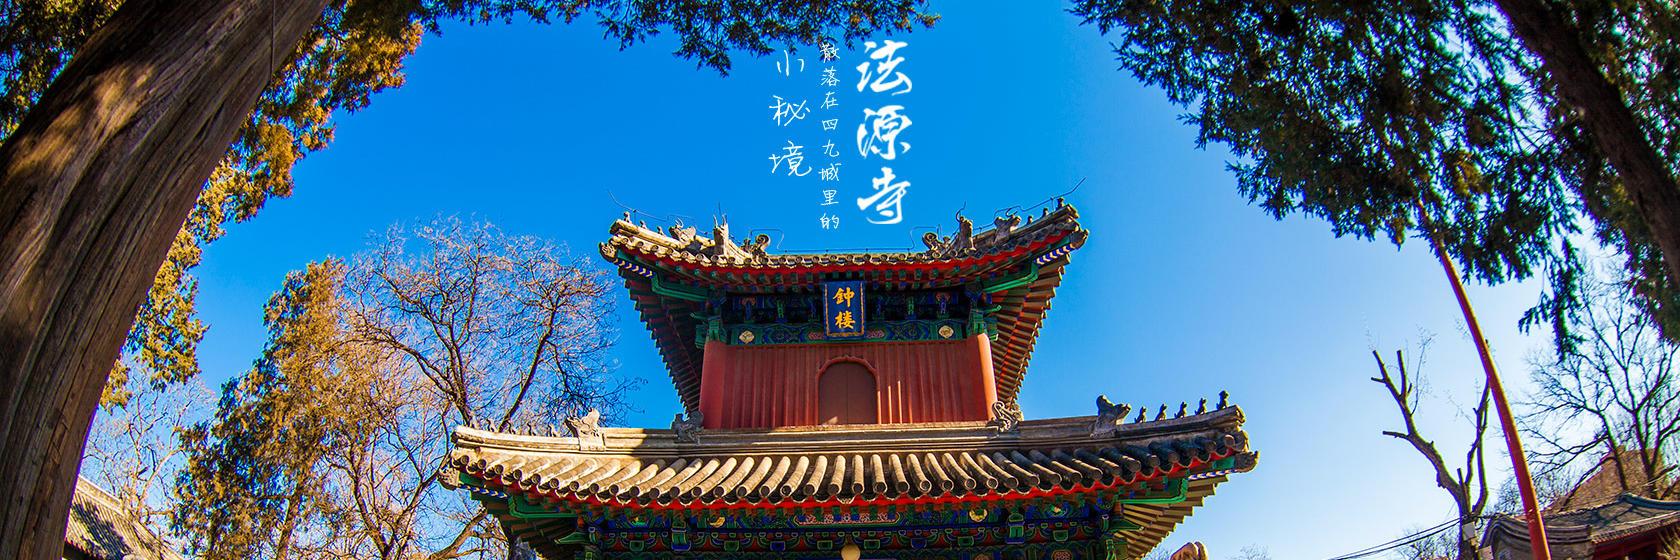 【粥游京城】法源寺——四九城里的小眾秘境